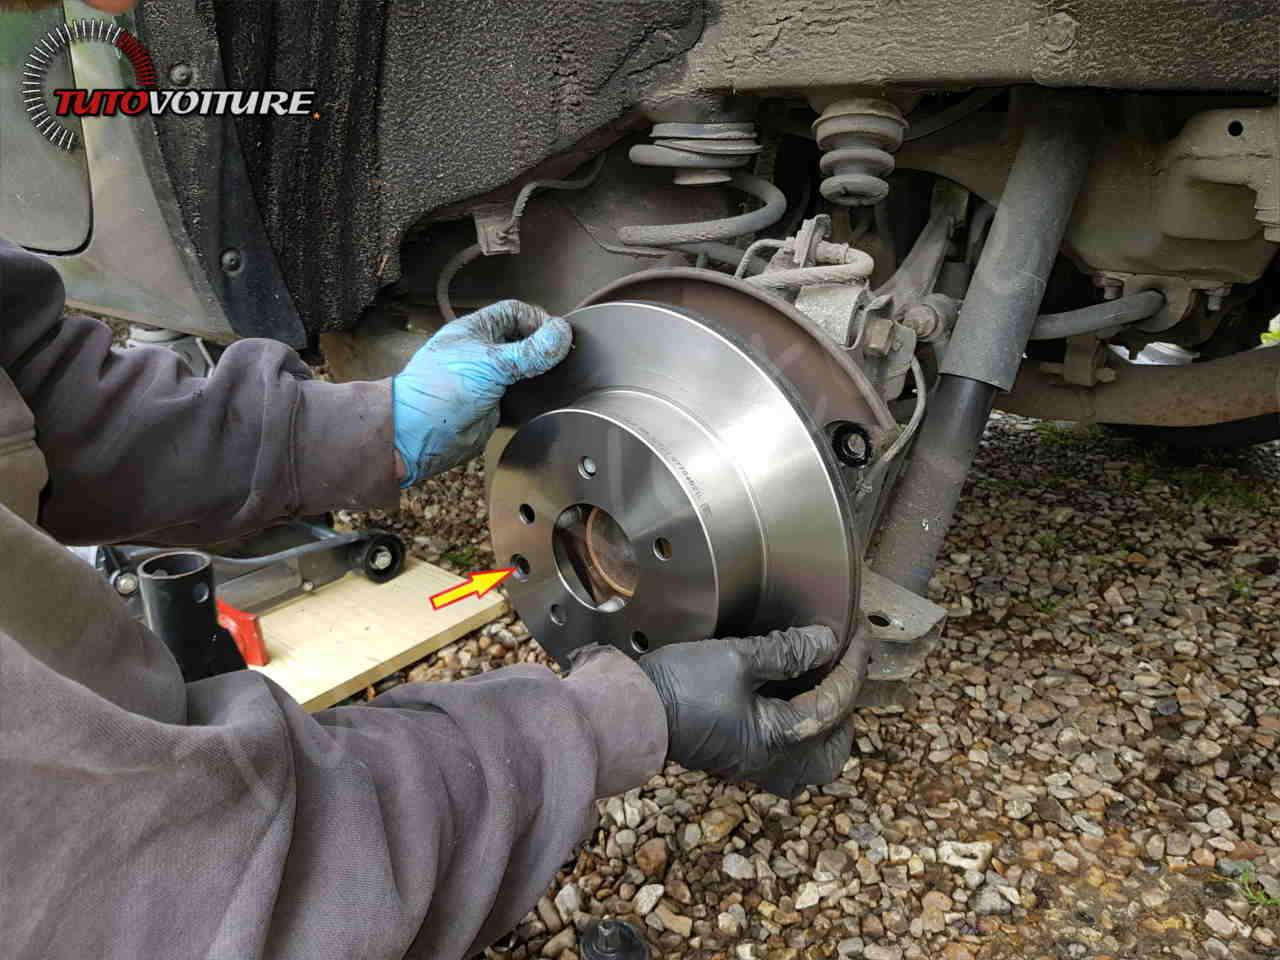 Changer ses disques de frein Renault Koleos